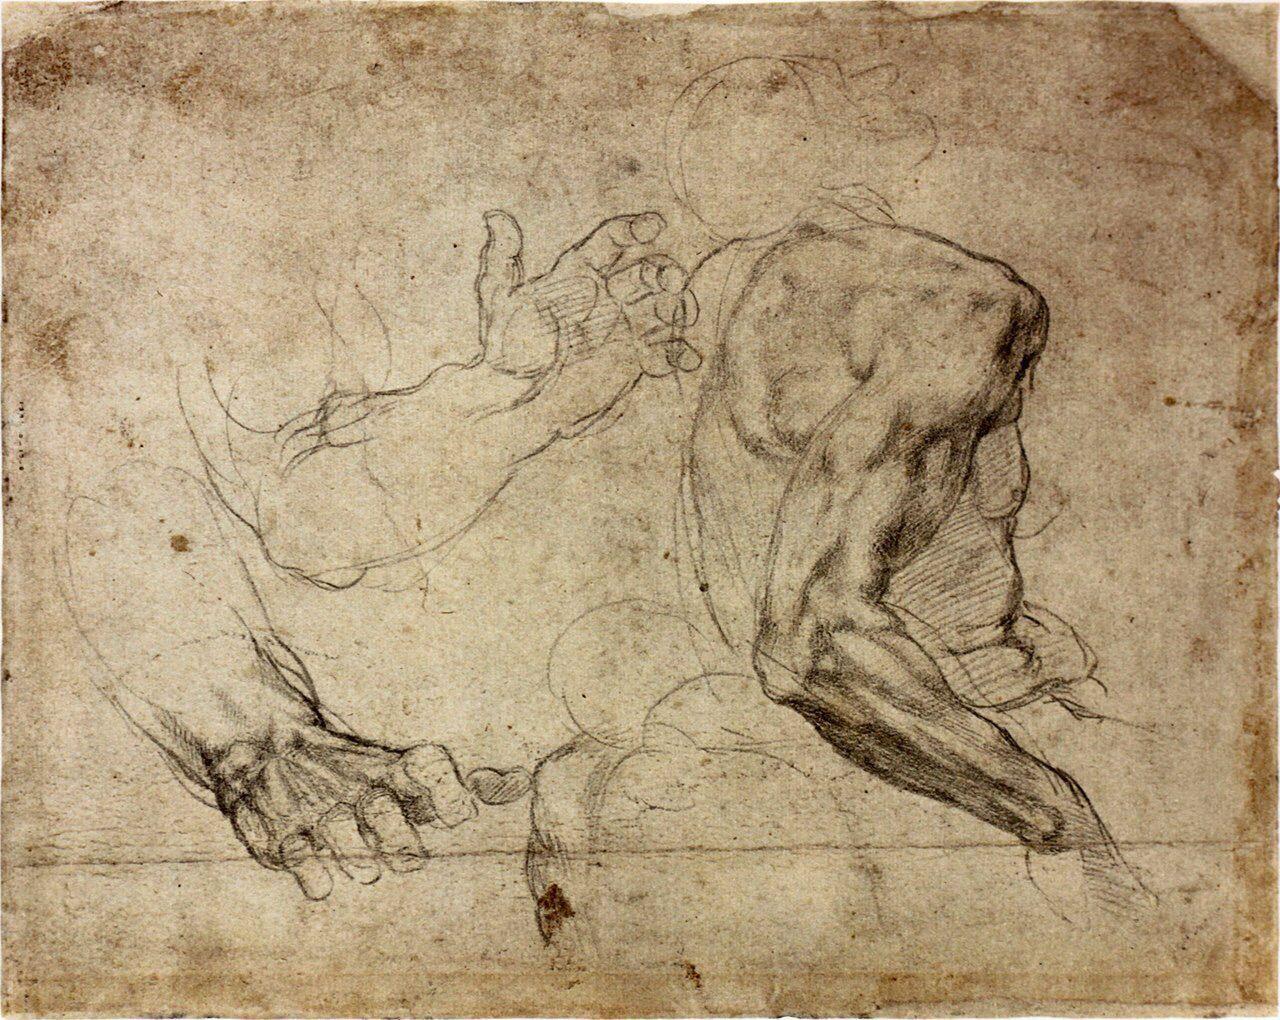 картинки рисунки руки микеланджело состав виде